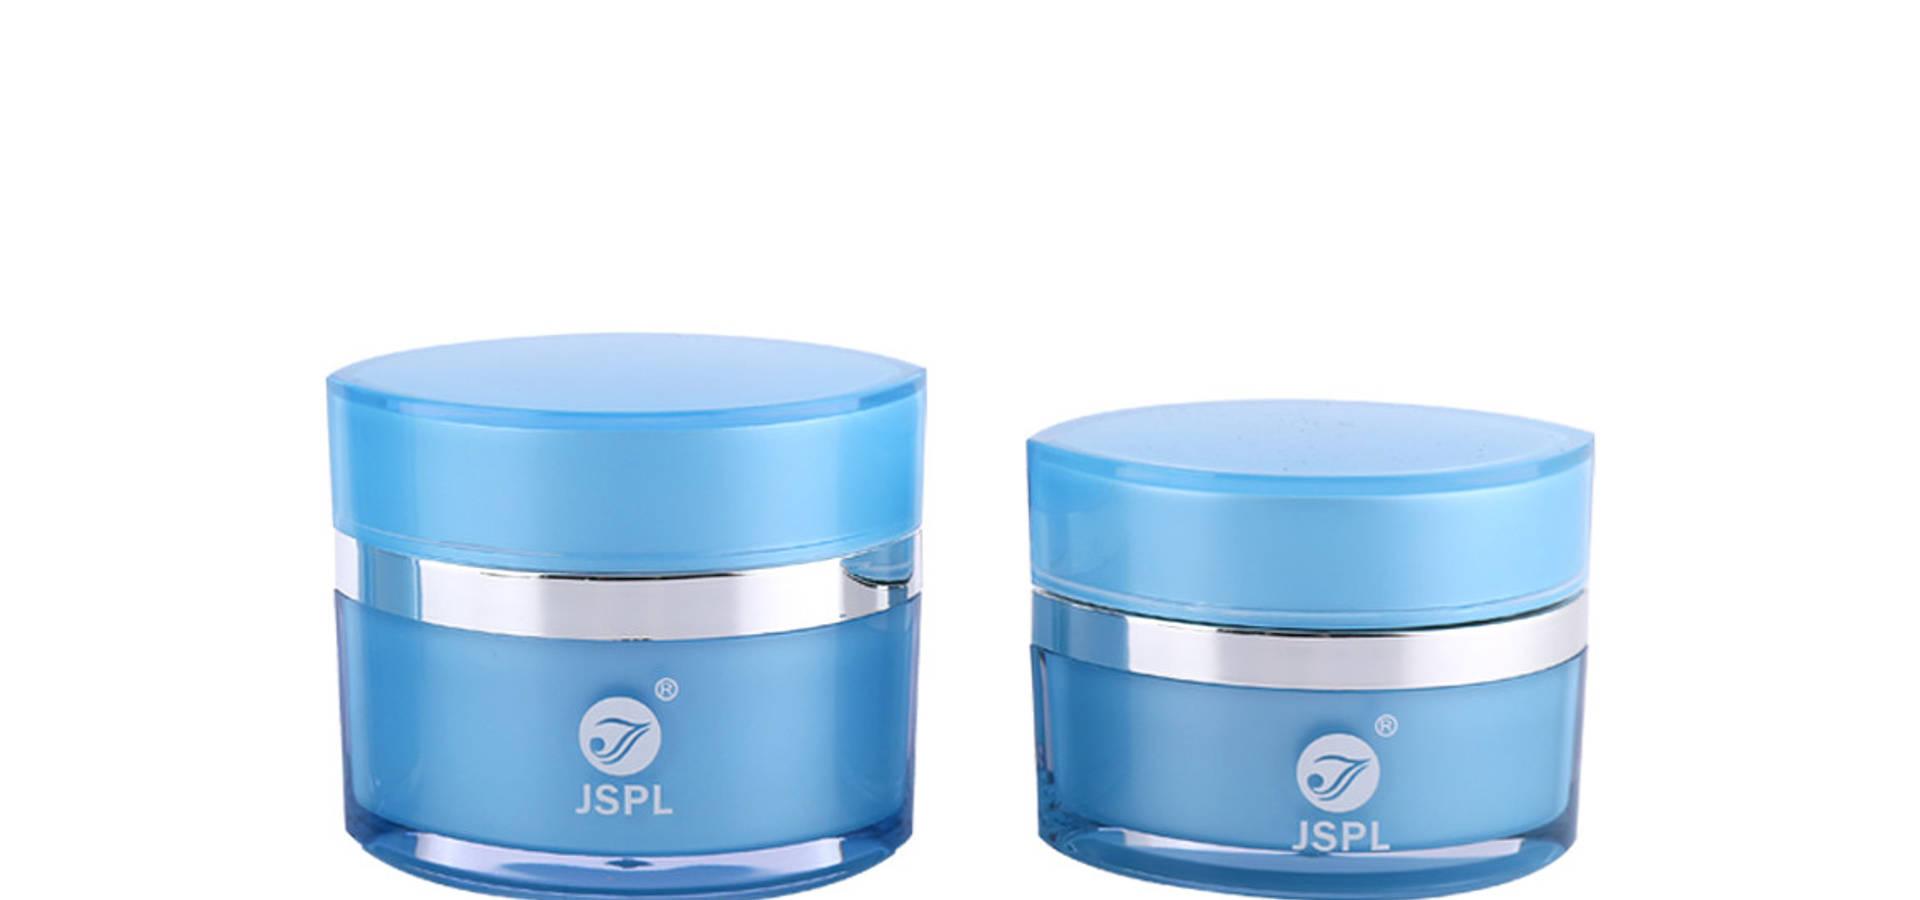 Zhejiang Jinsheng New Materials Co., LTD